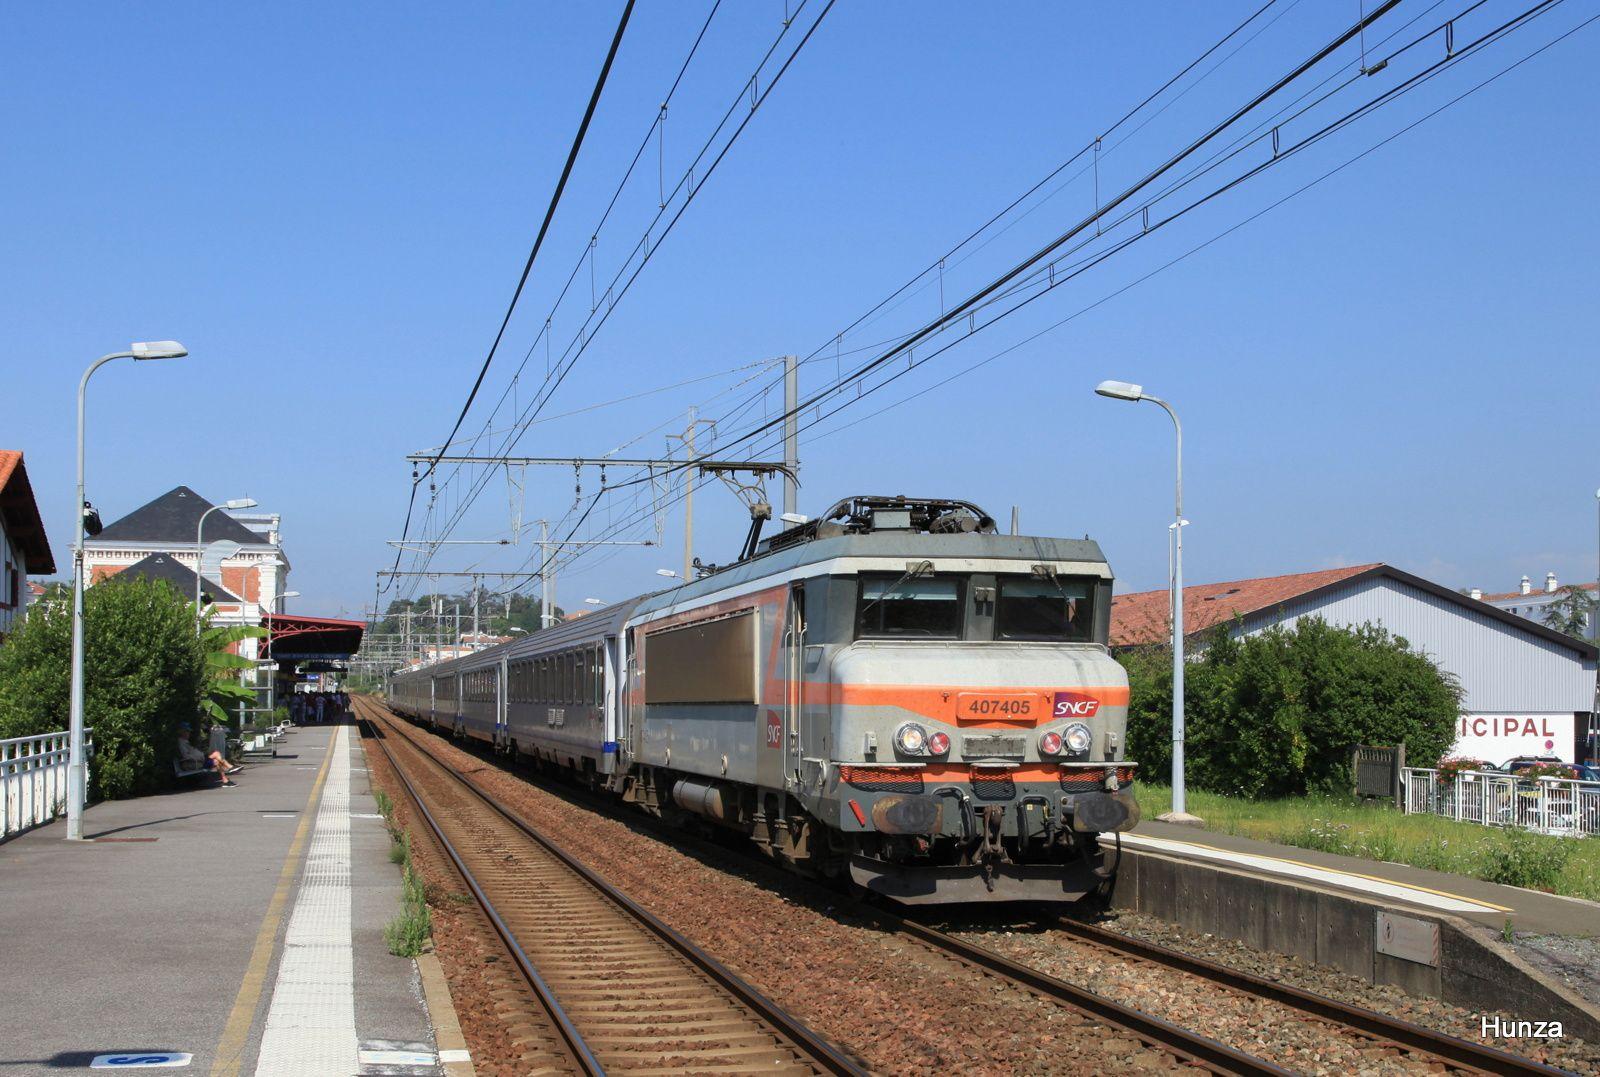 BB 407405 à Saint-Jean de Luz (23 juillet 2014)